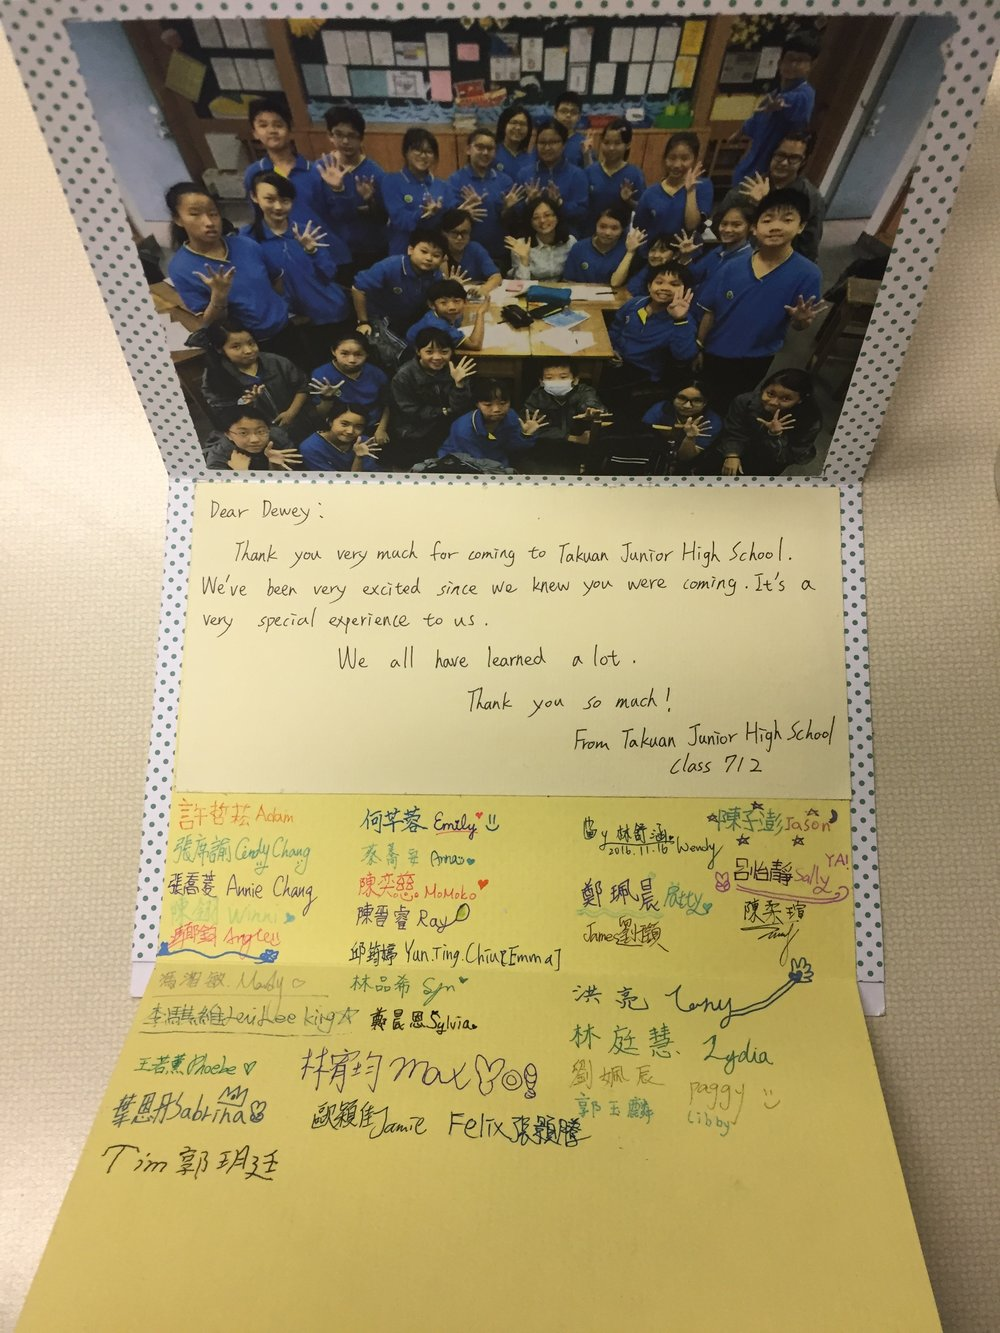 Handmade card from class 712.